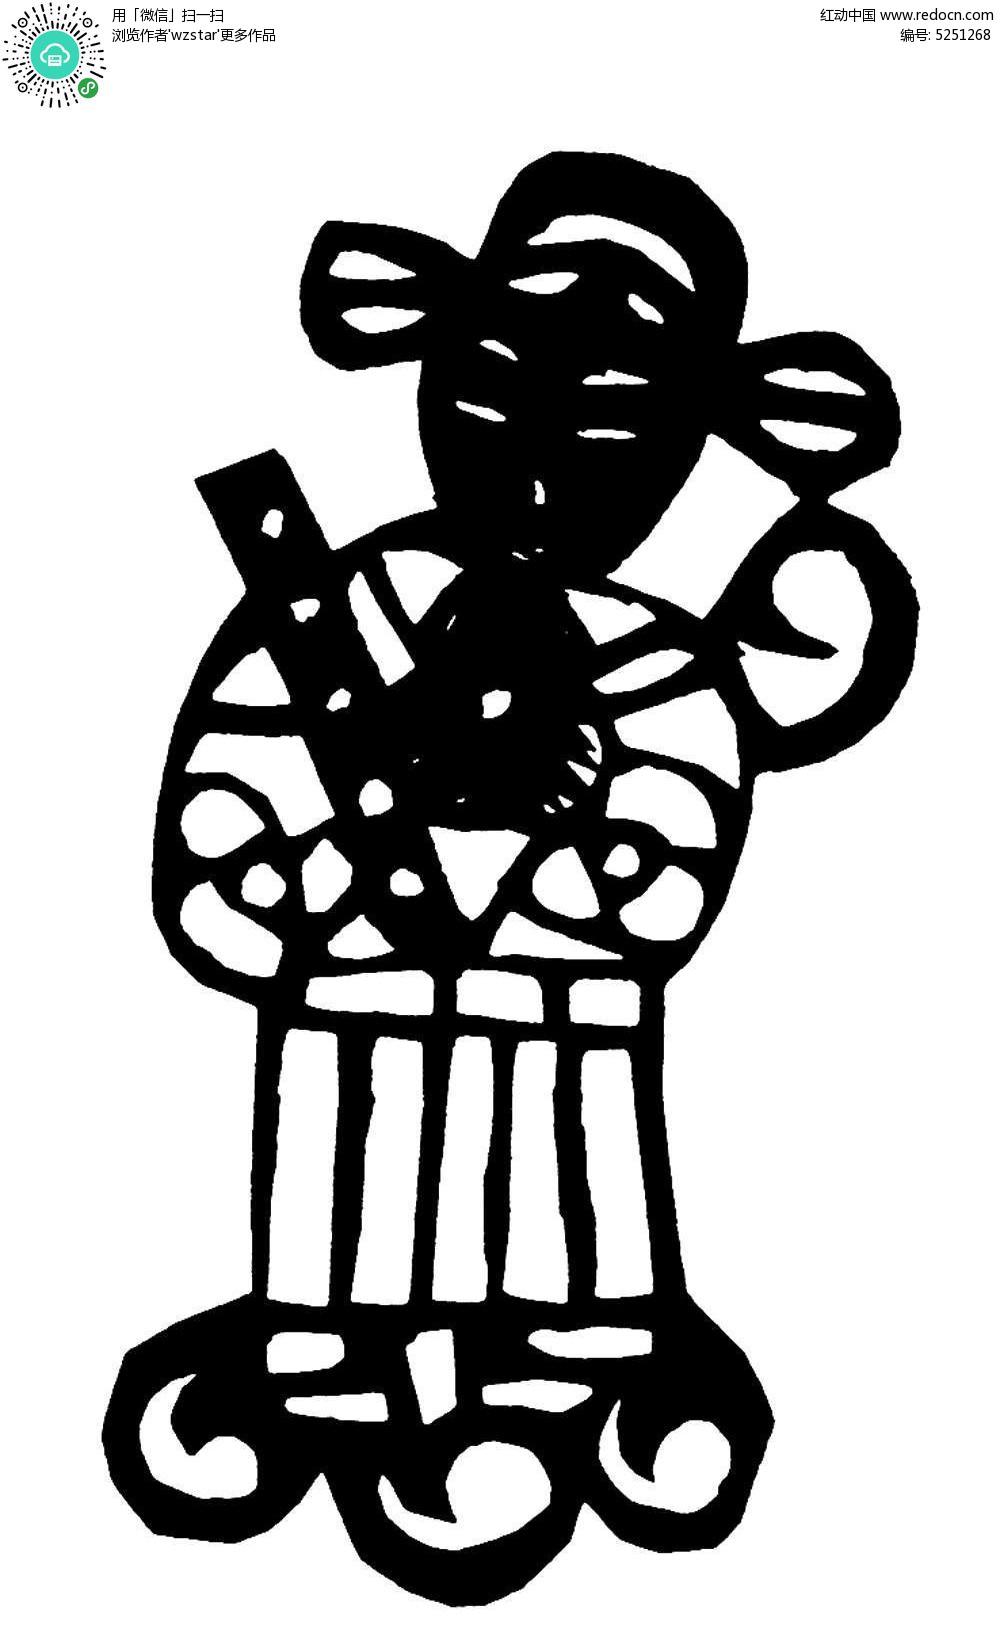 古代人物剪纸图案AI素材免费下载 编号5251268 红动网